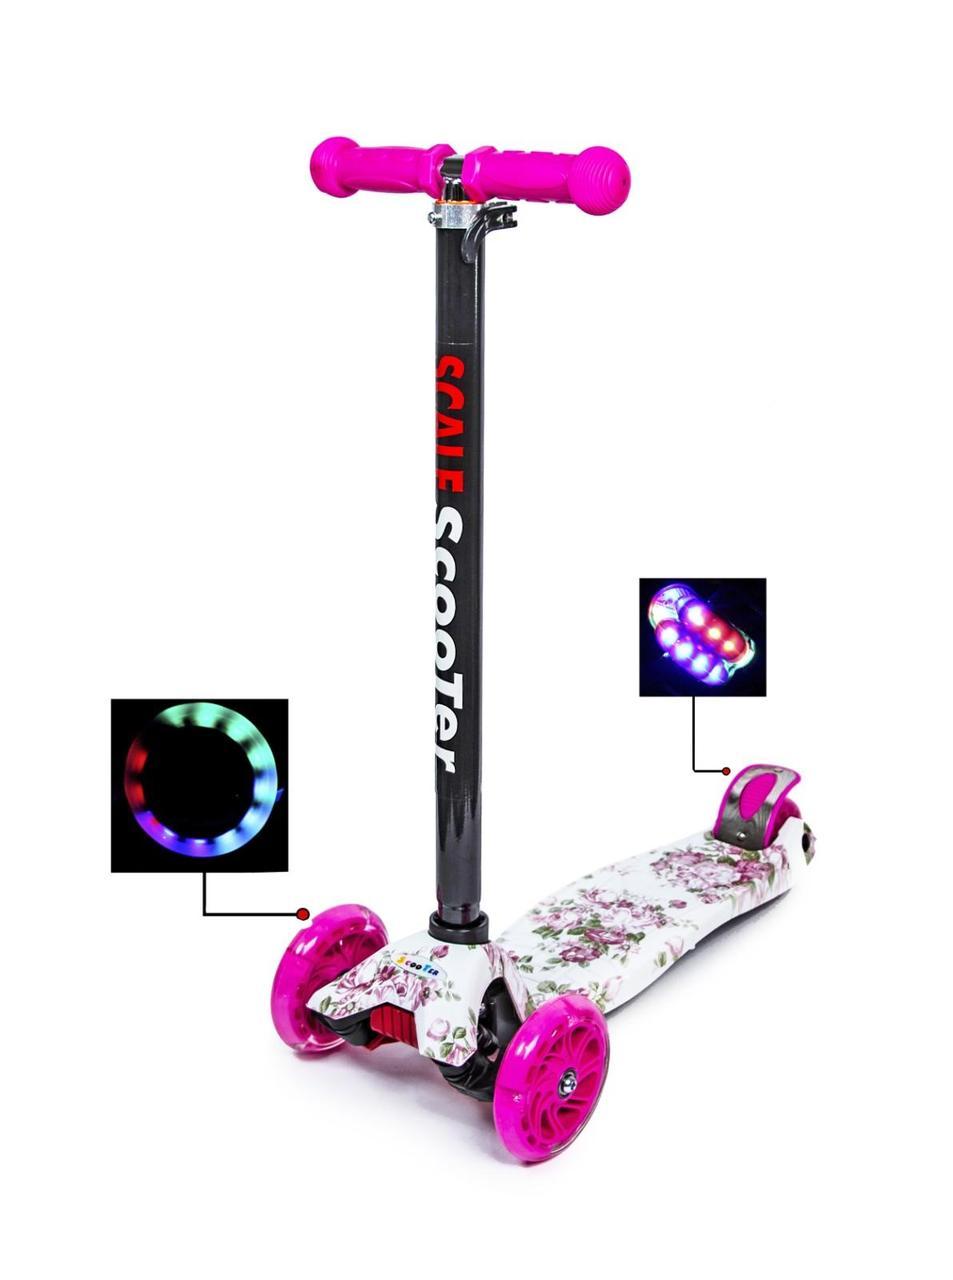 Самокат со светящимися колесами для детей от 3-6 лет до 60 кг Scale Scooter Maxi  Original